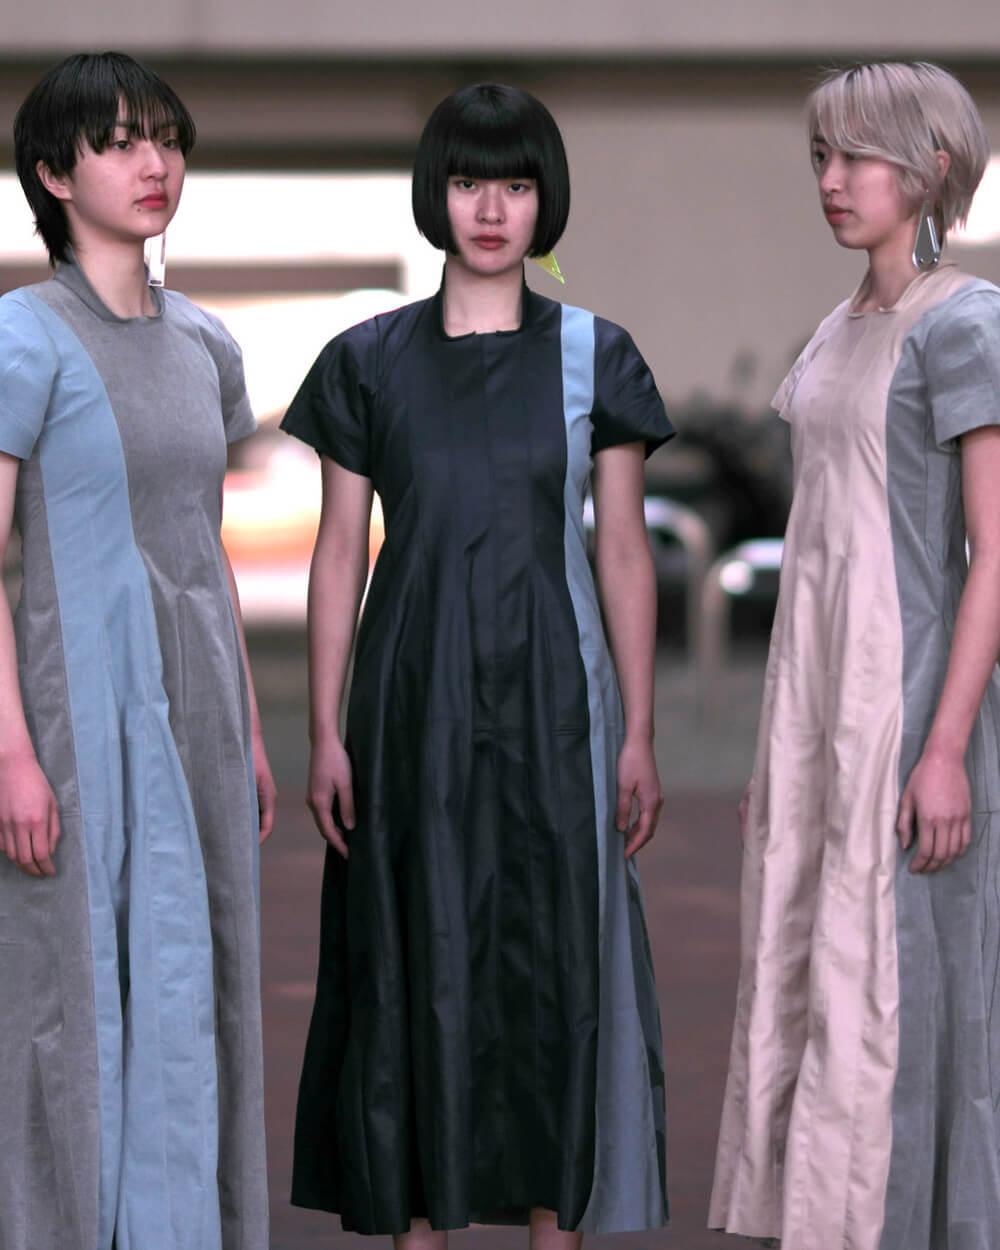 Thời trang Nhật Bản và những bước tiến tiên phong đổi mới - hình ảnh 9